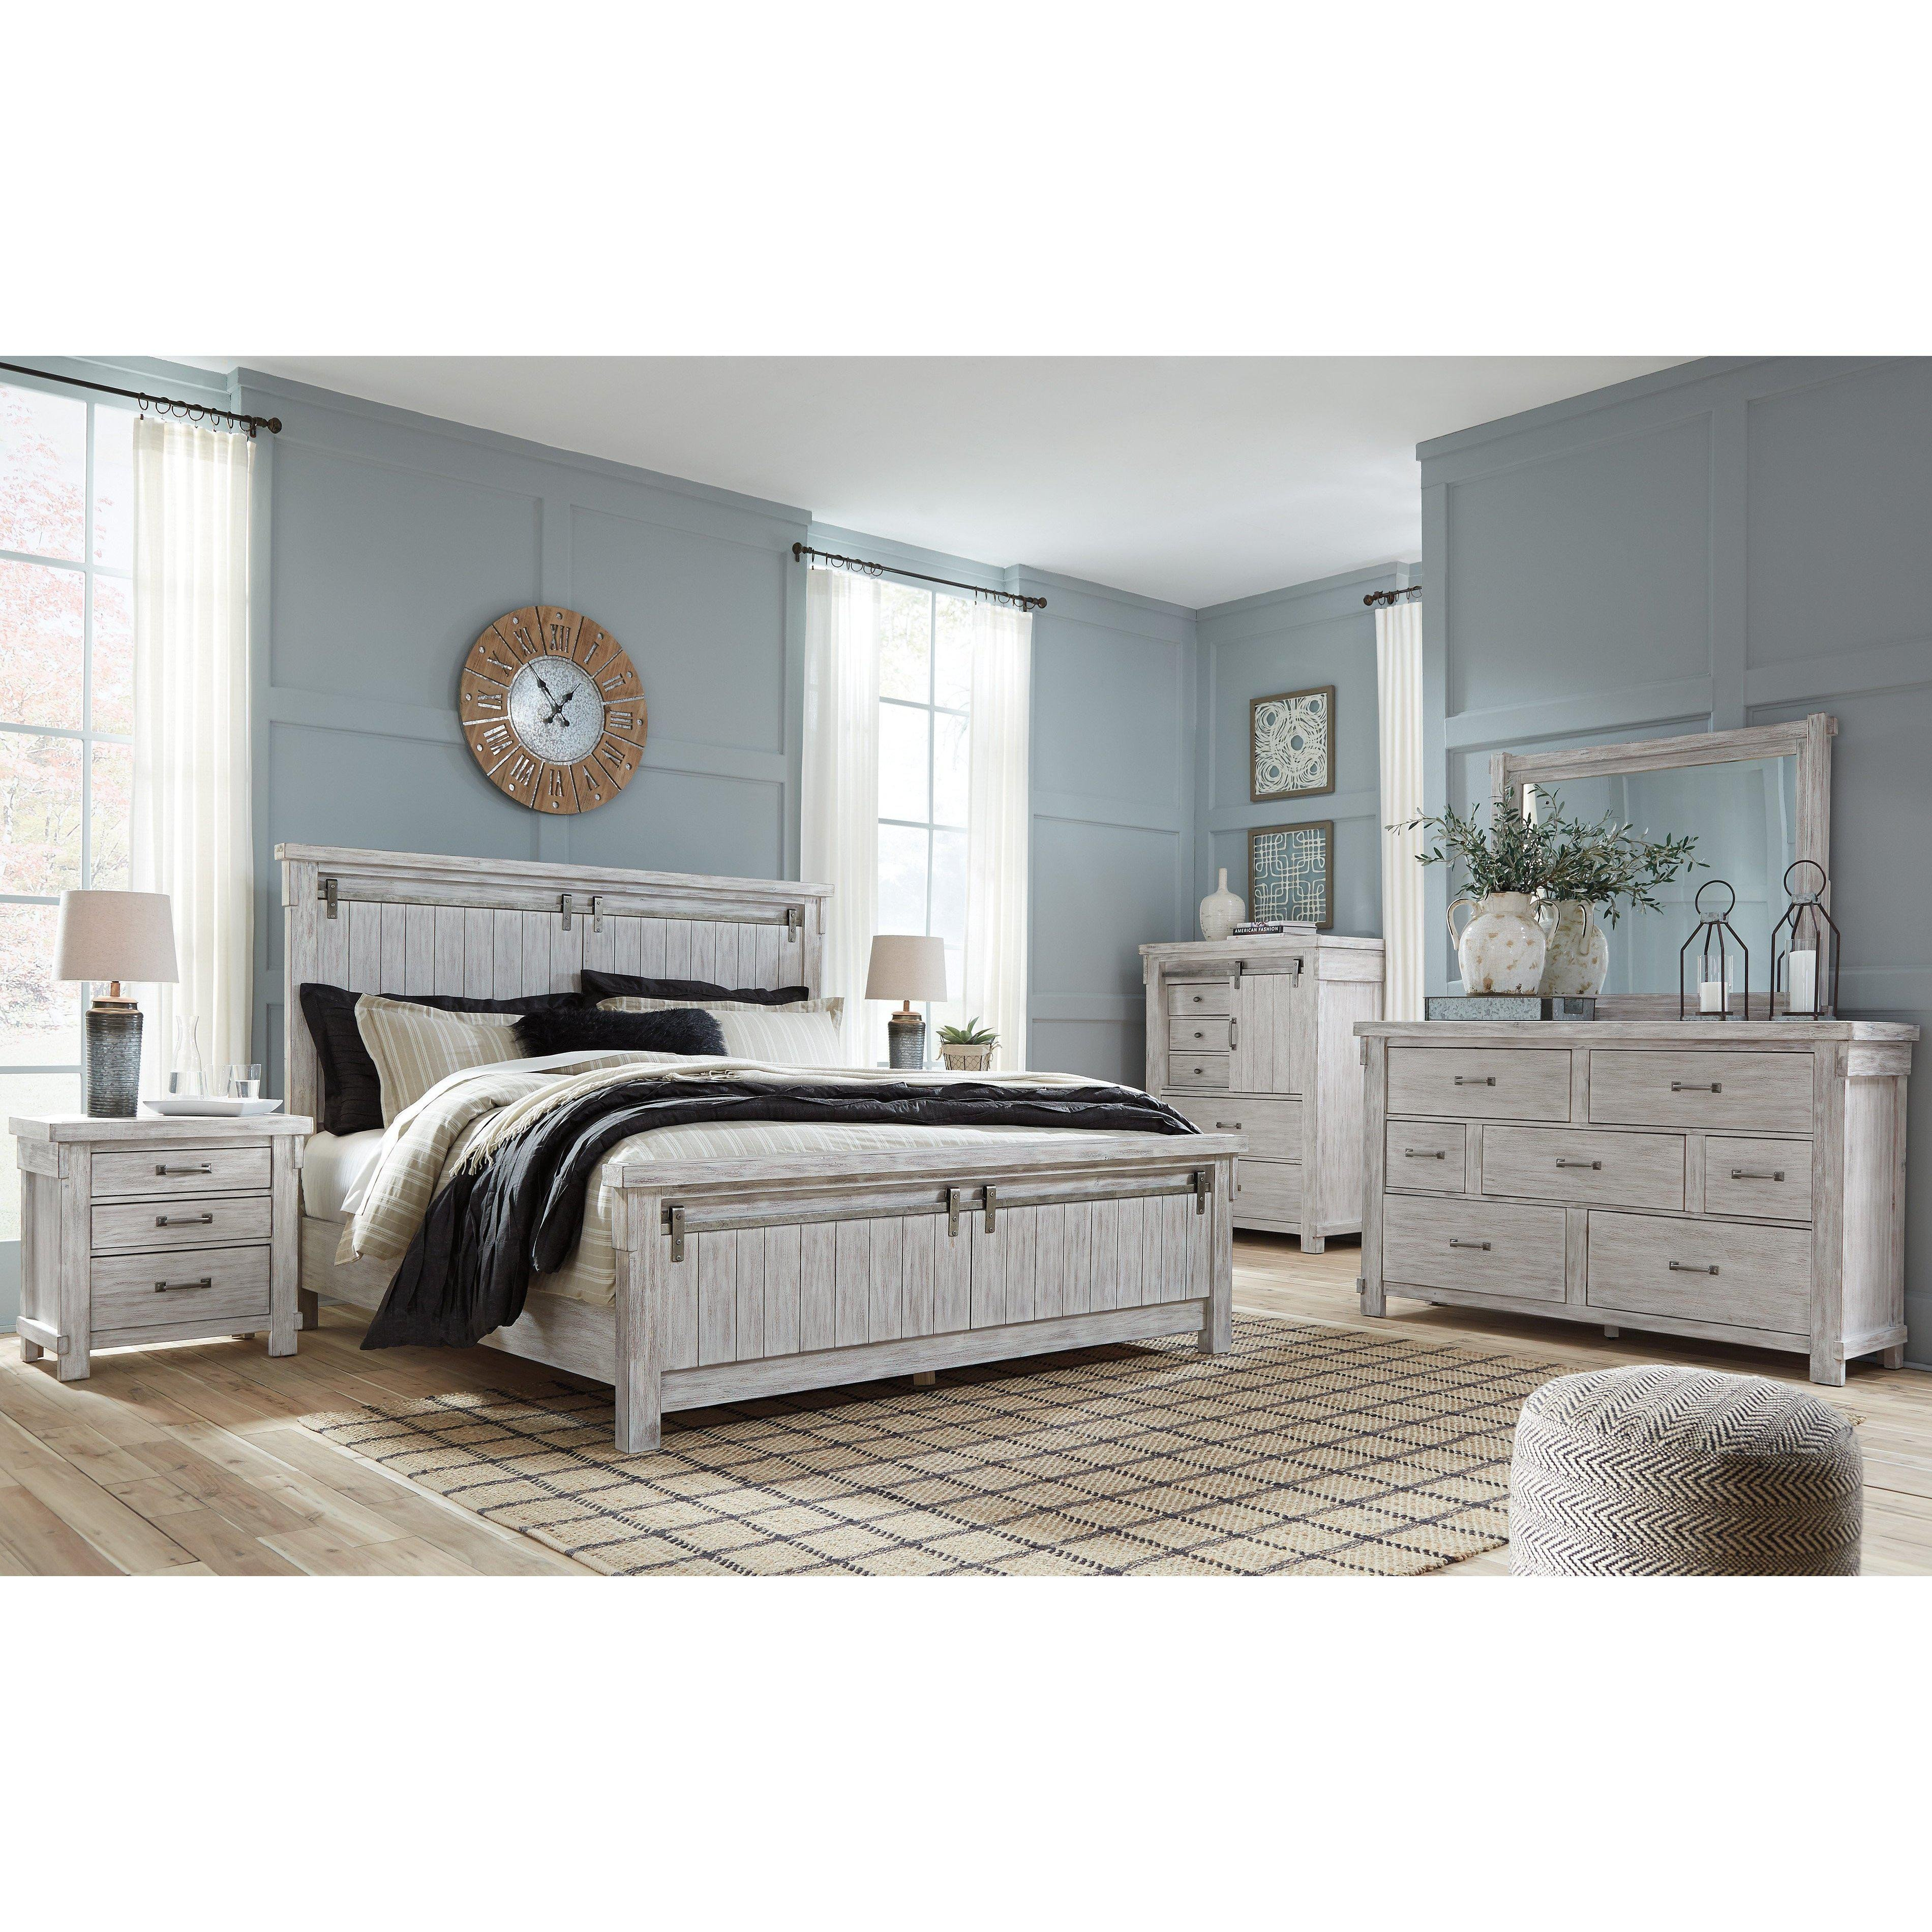 Rooms to Go King Bedroom Set Inspirational Brashland Whitewash Bedroom Set